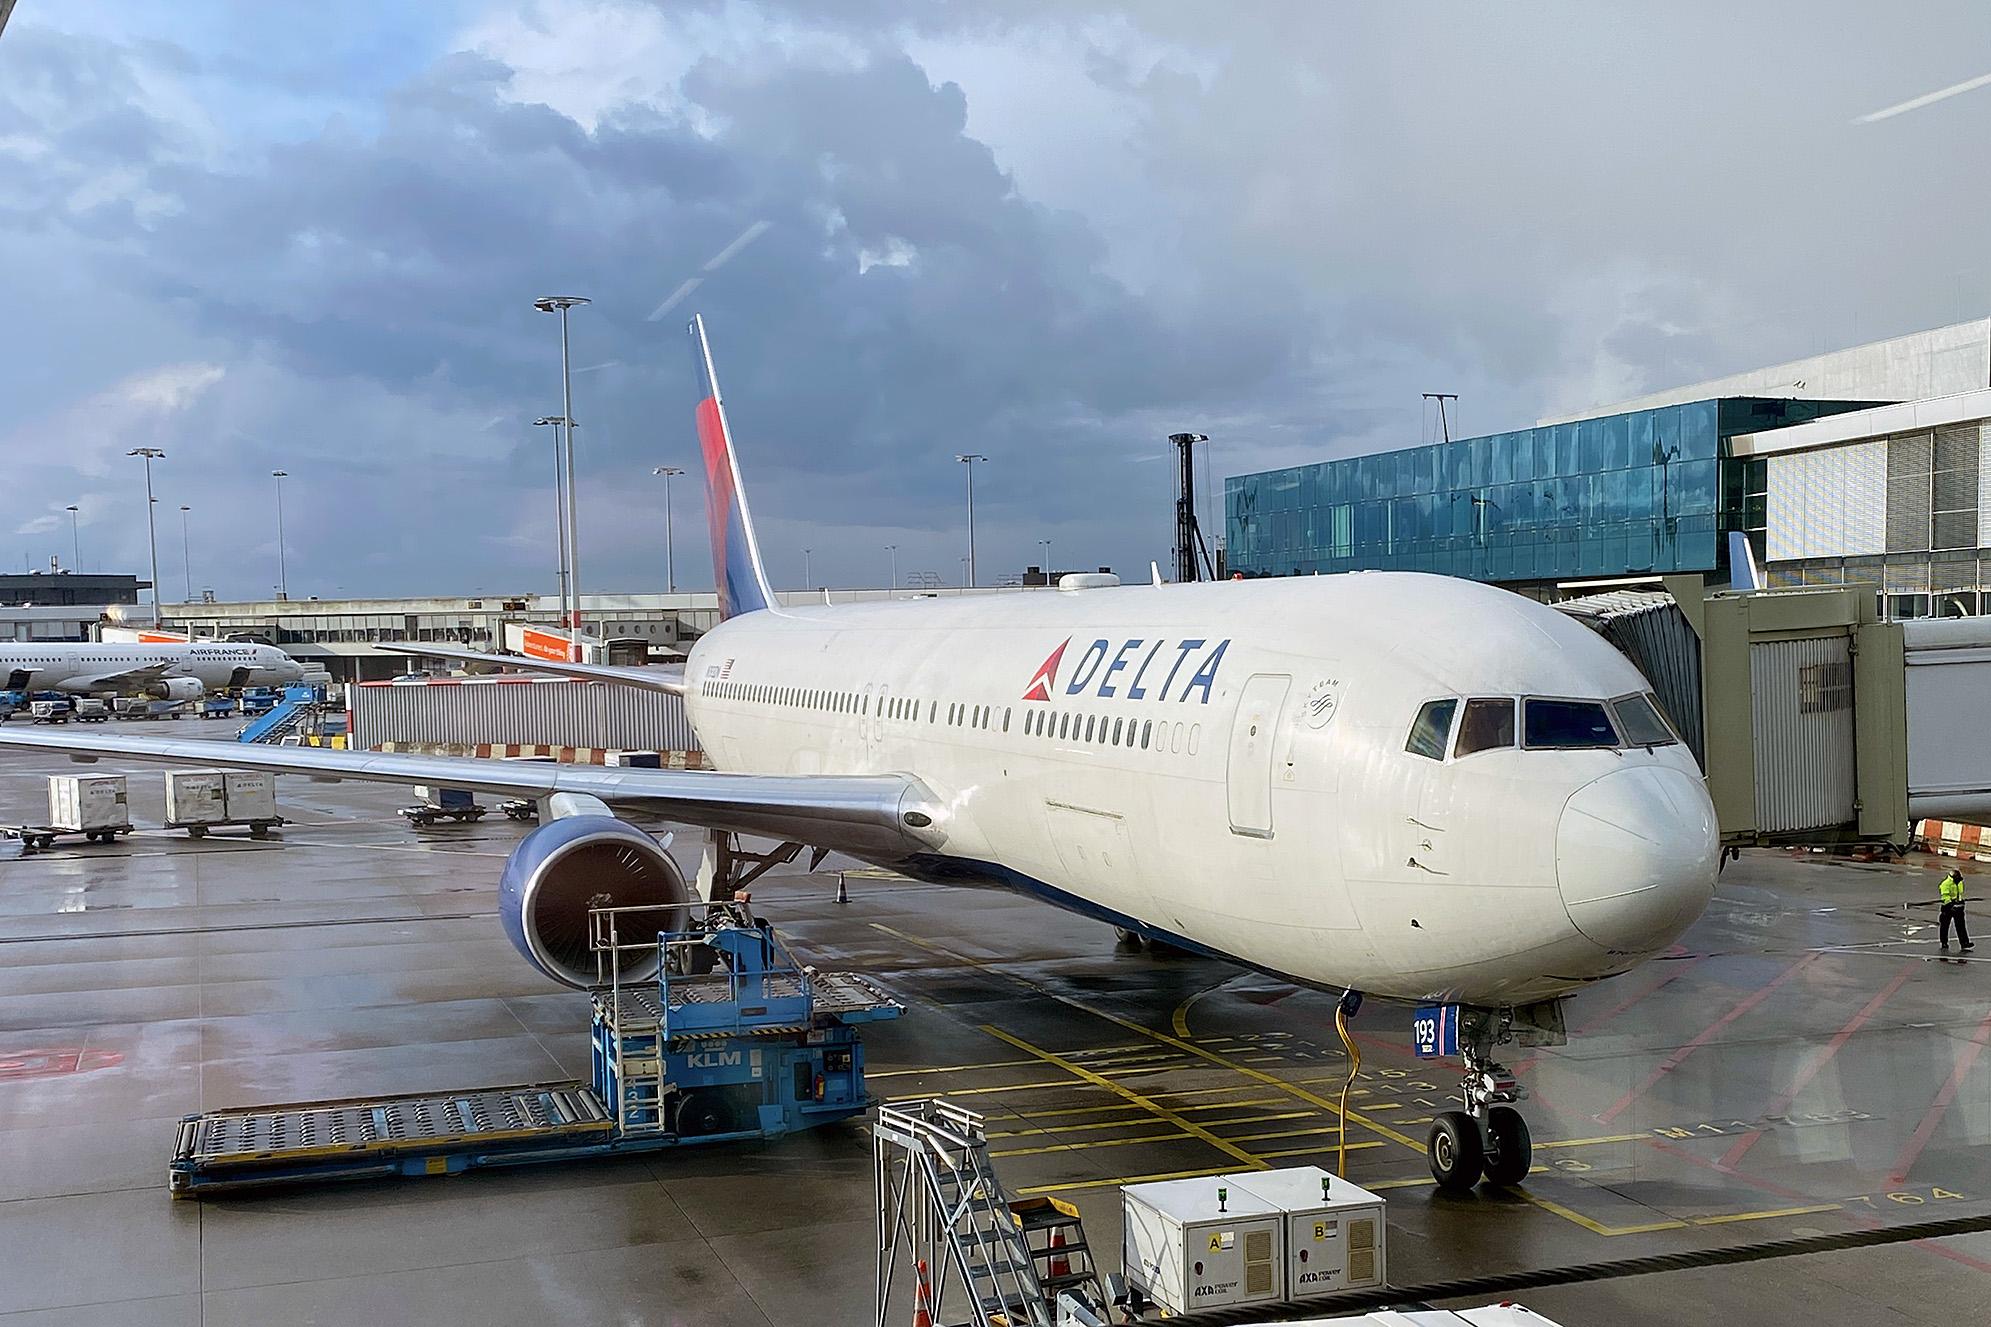 Delta Schiphol Amsterdam.